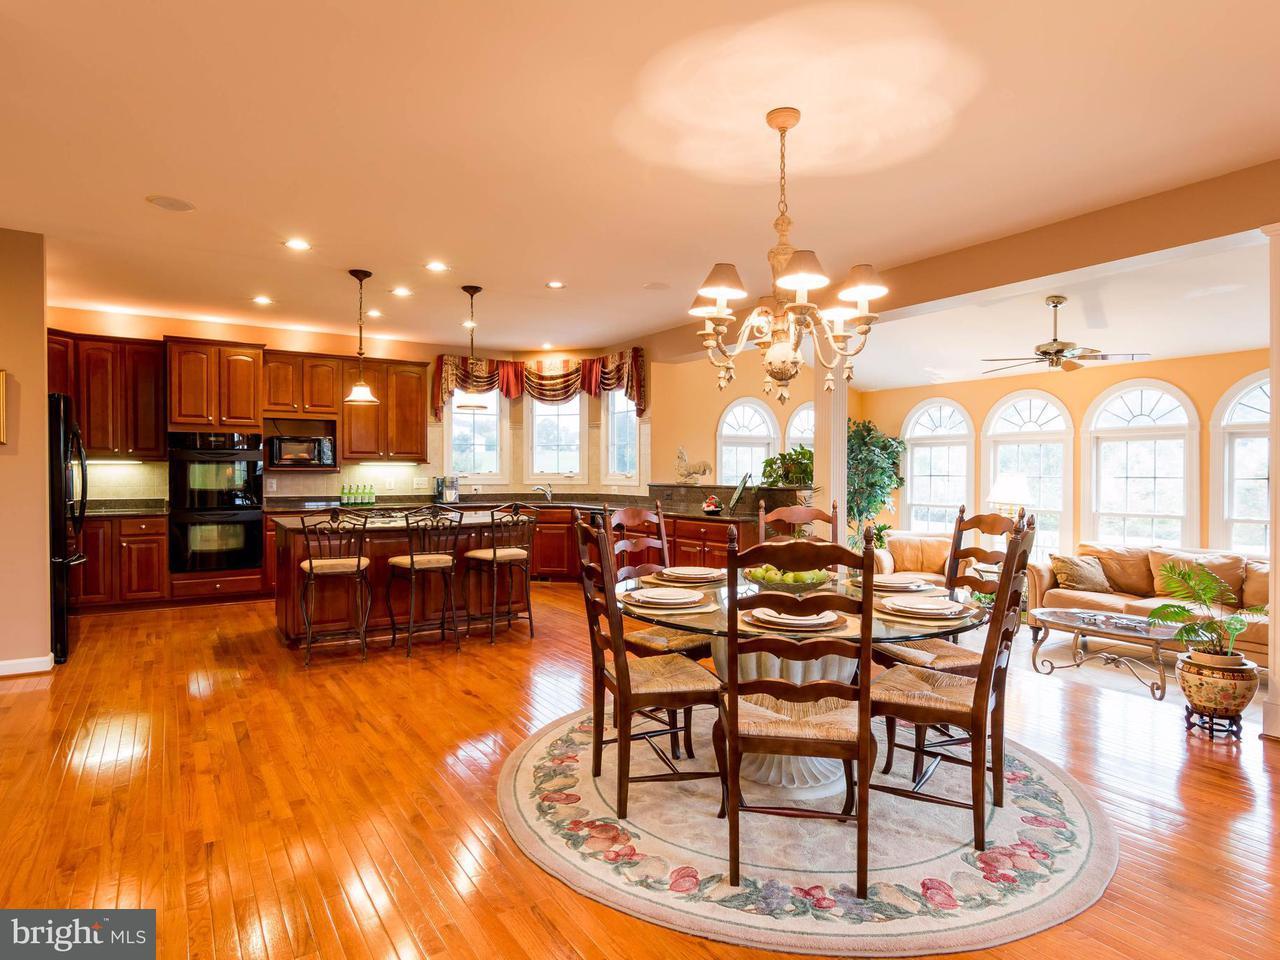 Μονοκατοικία για την Πώληση στο 1753 OAKDALE Drive 1753 OAKDALE Drive Cooksville, Μεριλαντ 21723 Ηνωμενεσ Πολιτειεσ